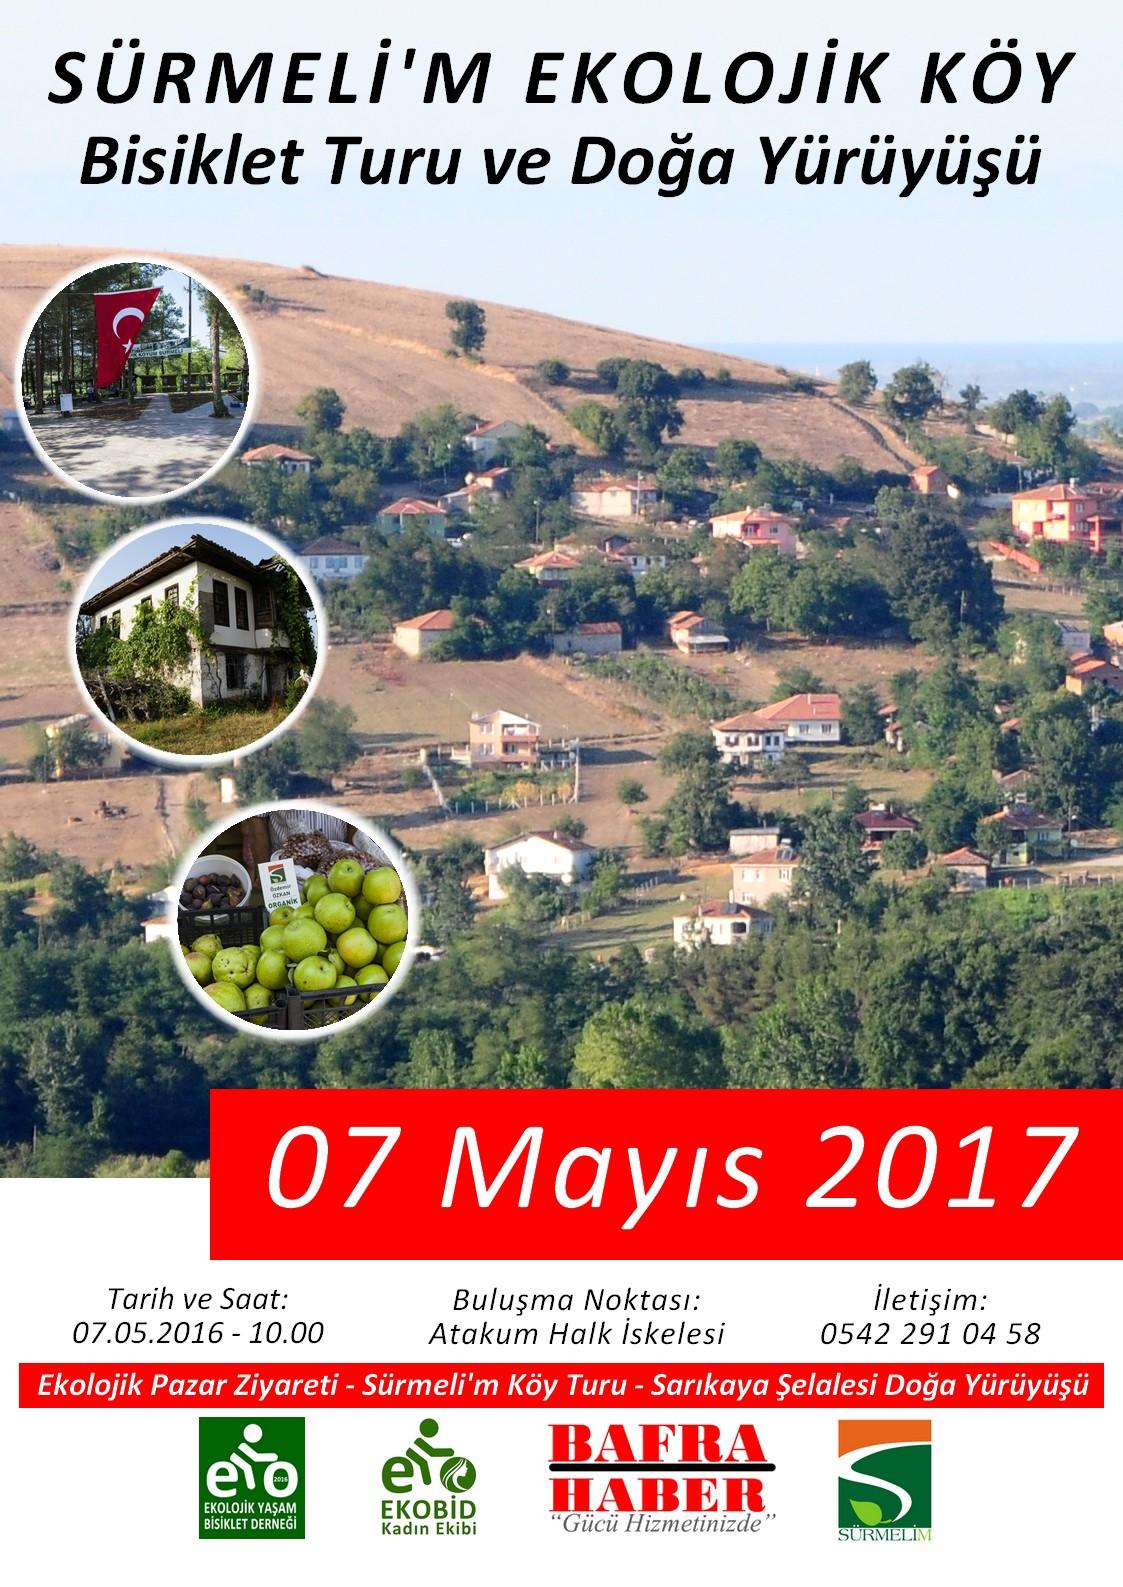 Sürmeli'm Ekolojik Köy Bisiklet Turu